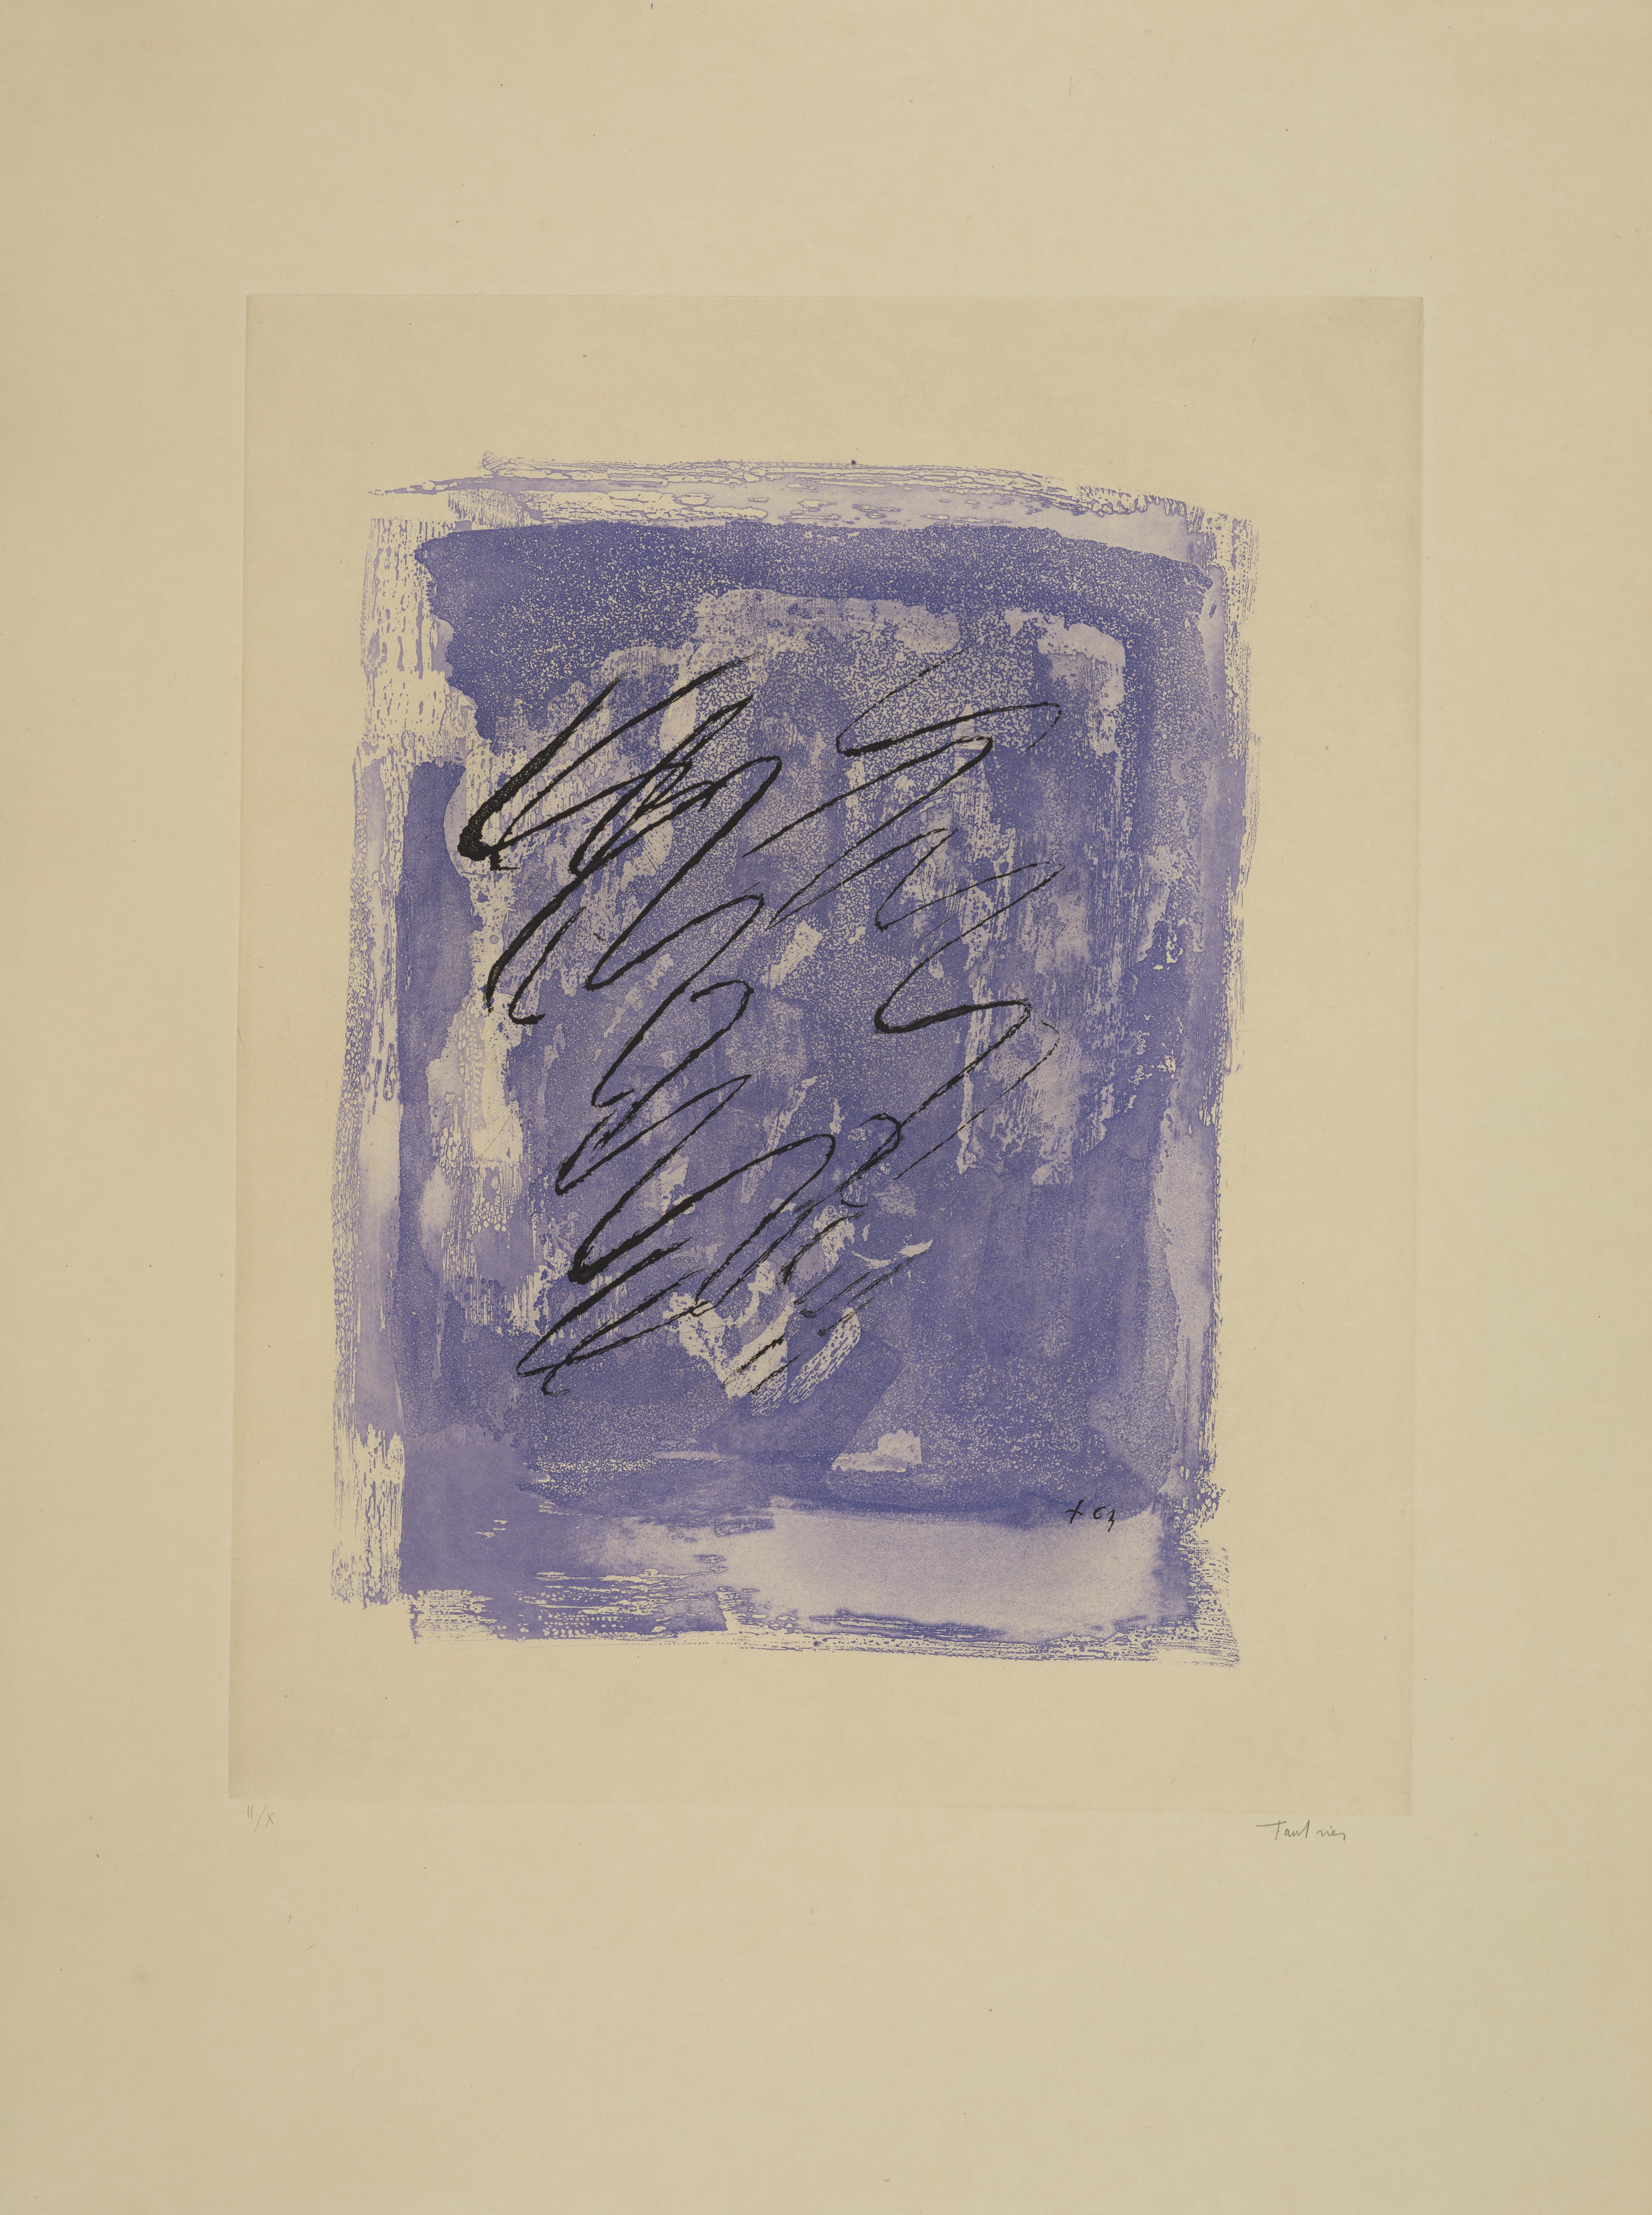 Lot 5 - Jean FAUTRIER (1898-1964) - Griffure sur fond violet - Eau forte aquatinte et lavis [...]